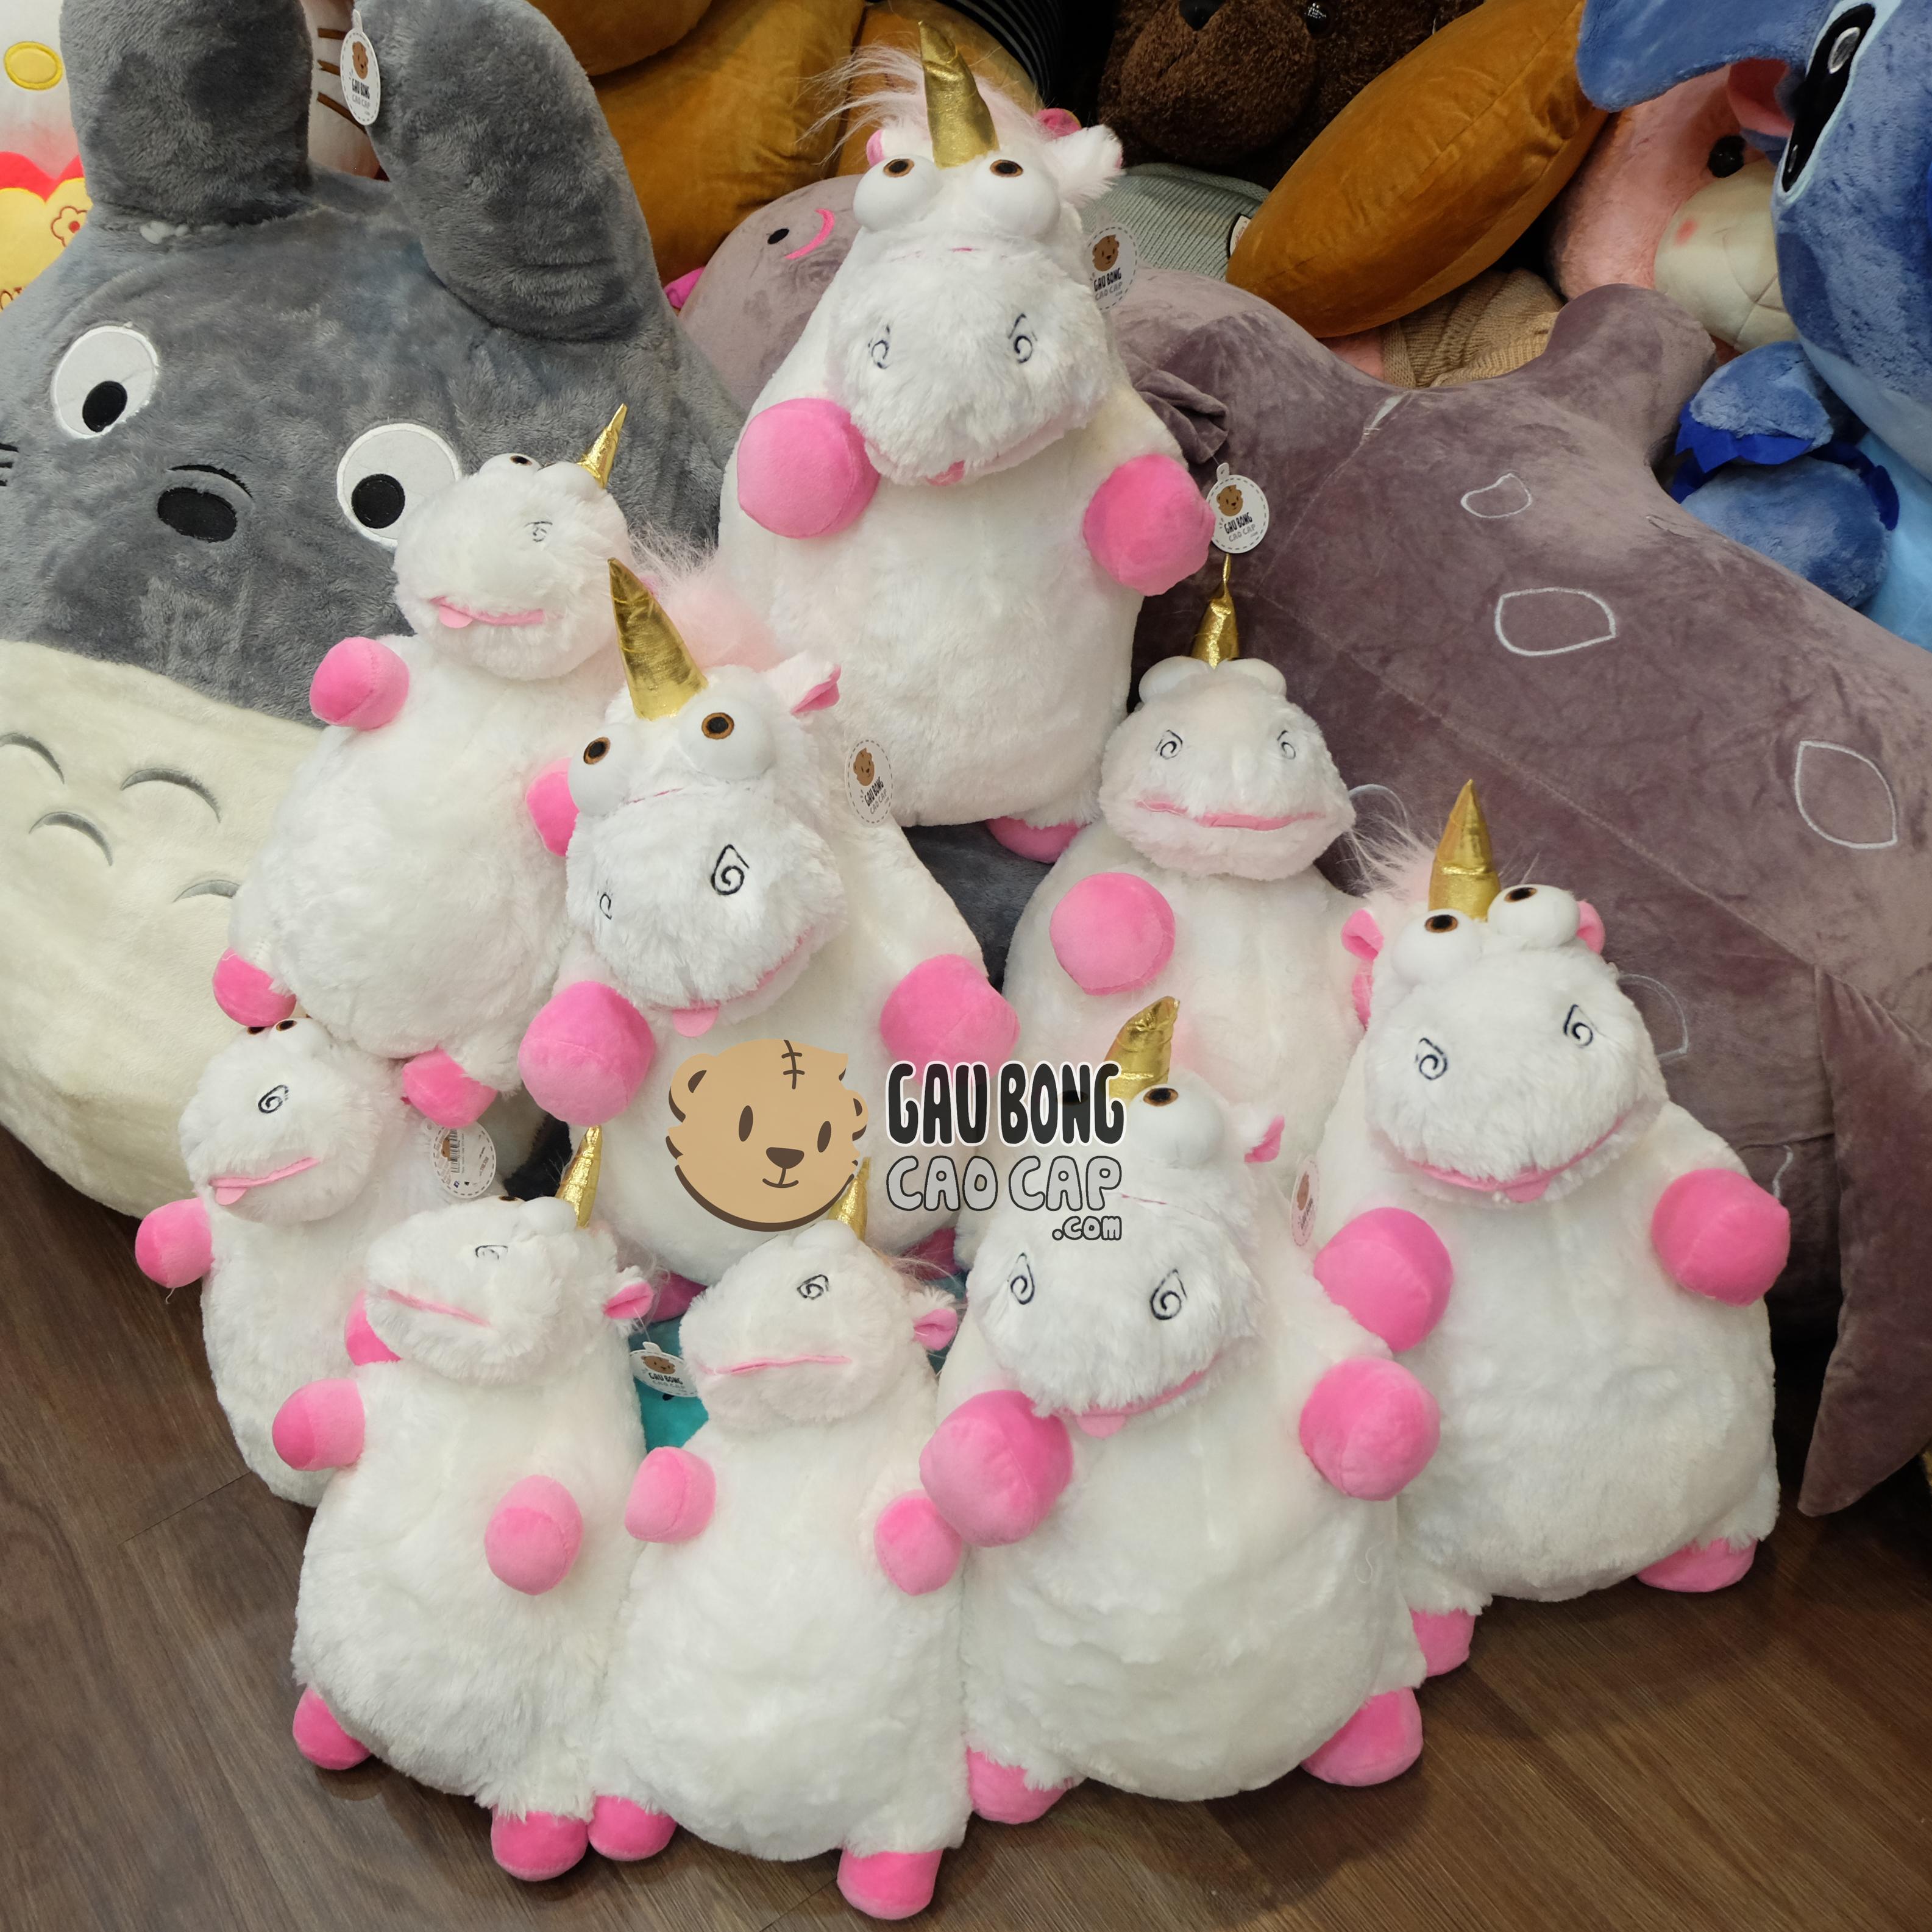 Kì lân bông Unicorn - Gấu Bông Unicorn